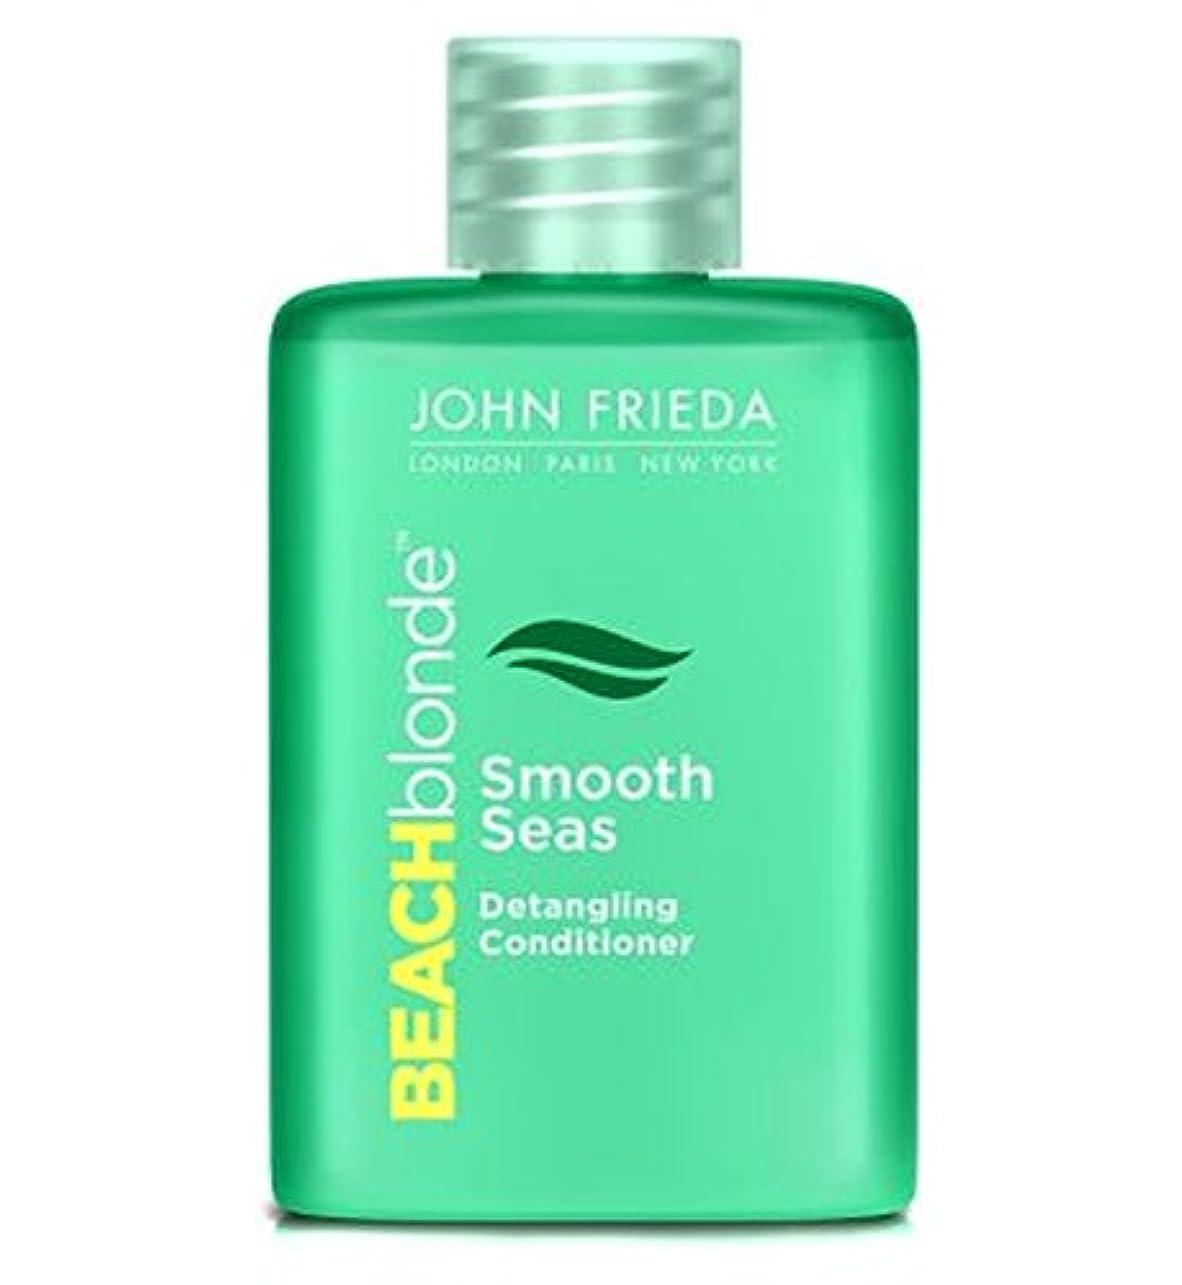 眉をひそめる日食ギャップJohn Frieda? Beach Blonde Smooth Seas Detangling Conditioner 50ml - コンディショナー50ミリリットルをもつれ解除ジョンFrieda?ビーチブロンド滑らかな海 (John Frieda) [並行輸入品]